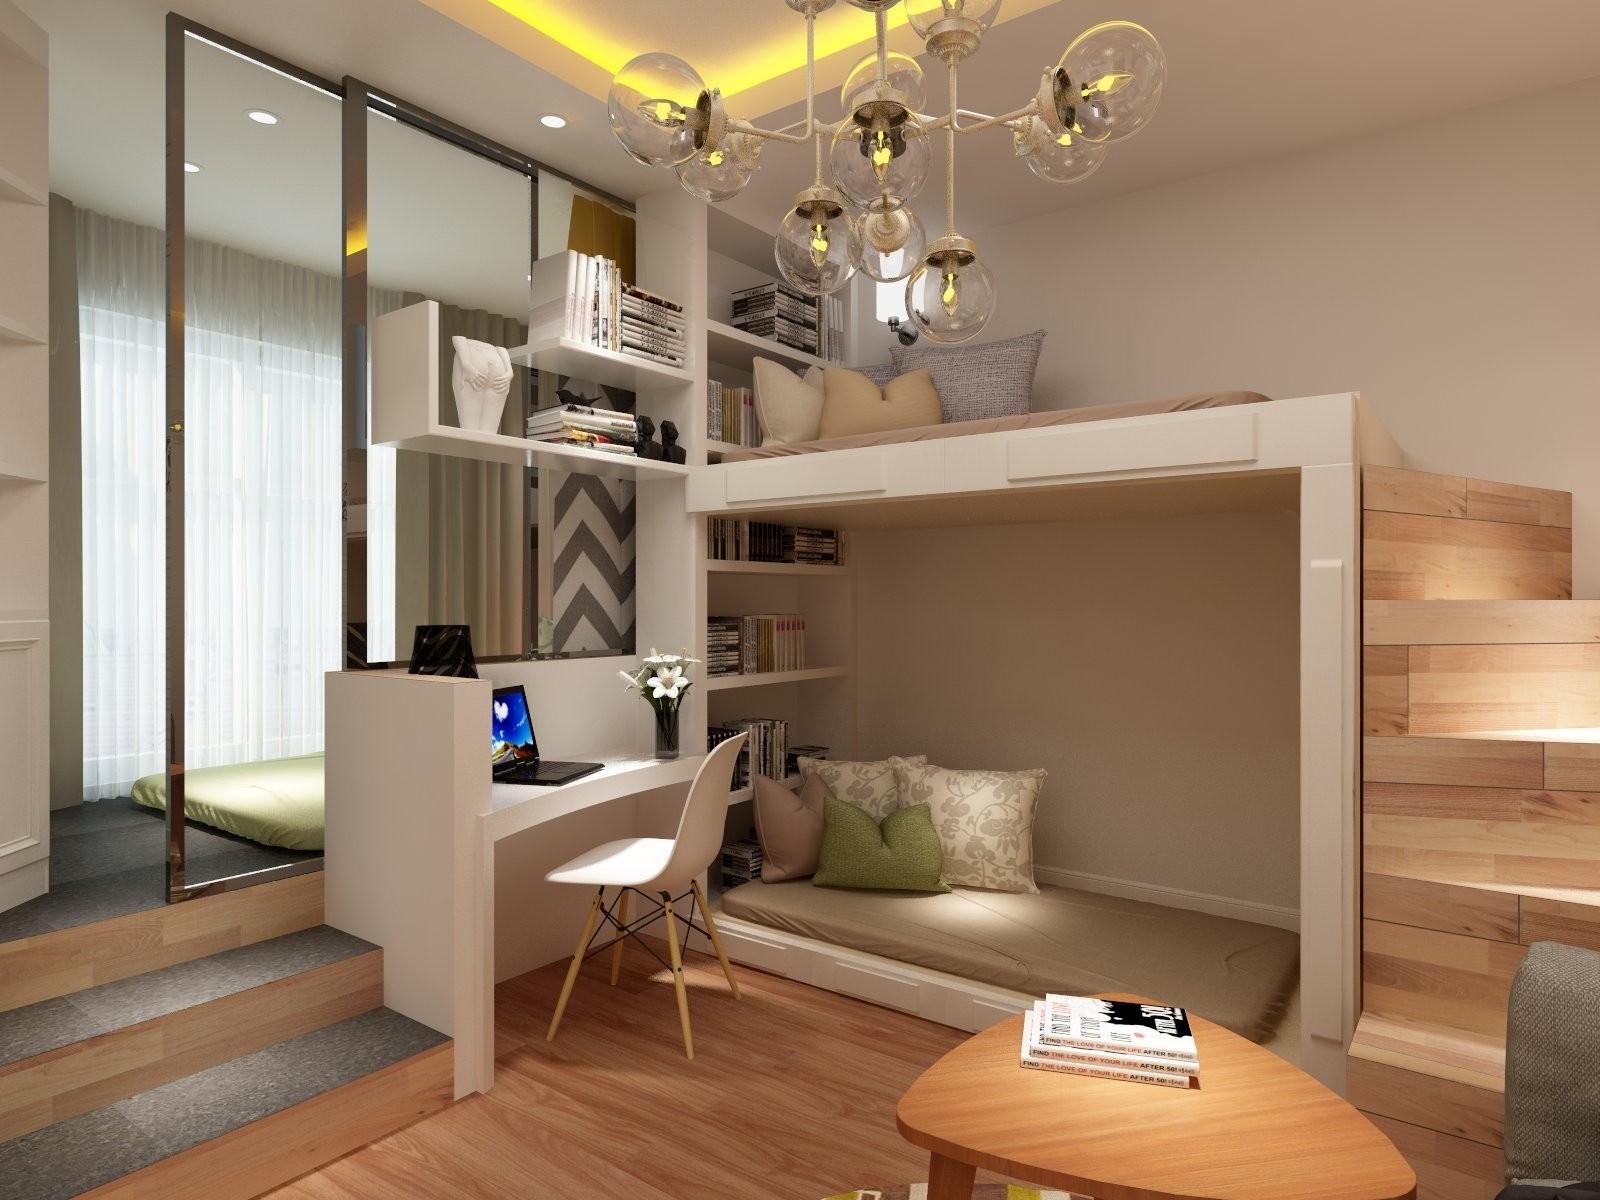 1室1卫1厅31.6平米现代风格